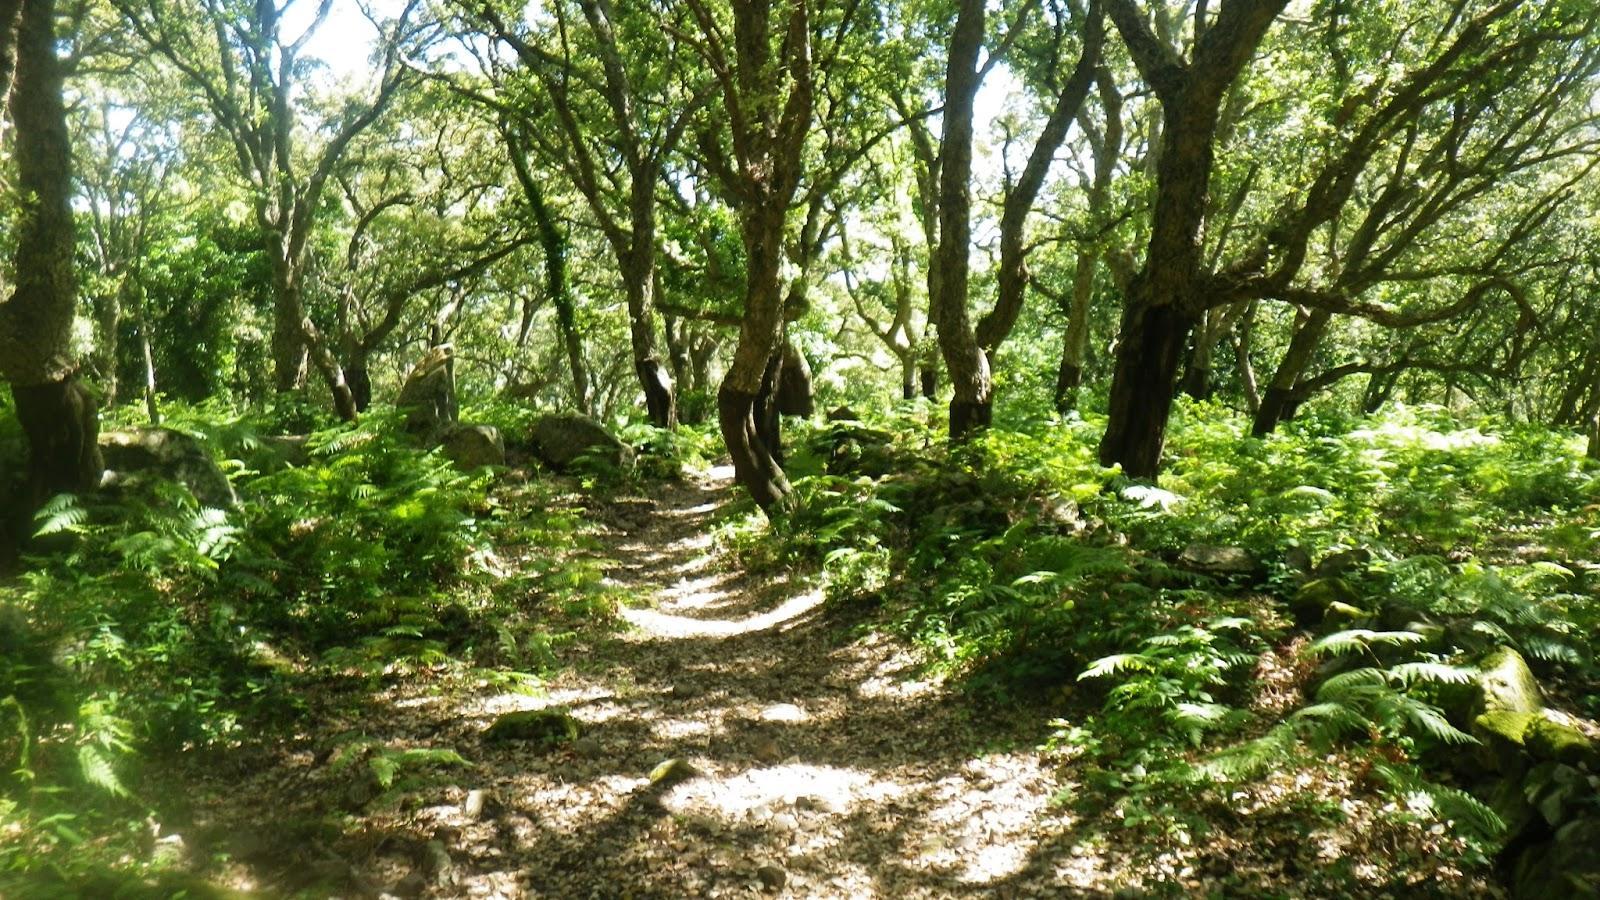 Trail land en tierra de trail la ultima selva m s intensa m s selva - Mas goy fornells de la selva ...